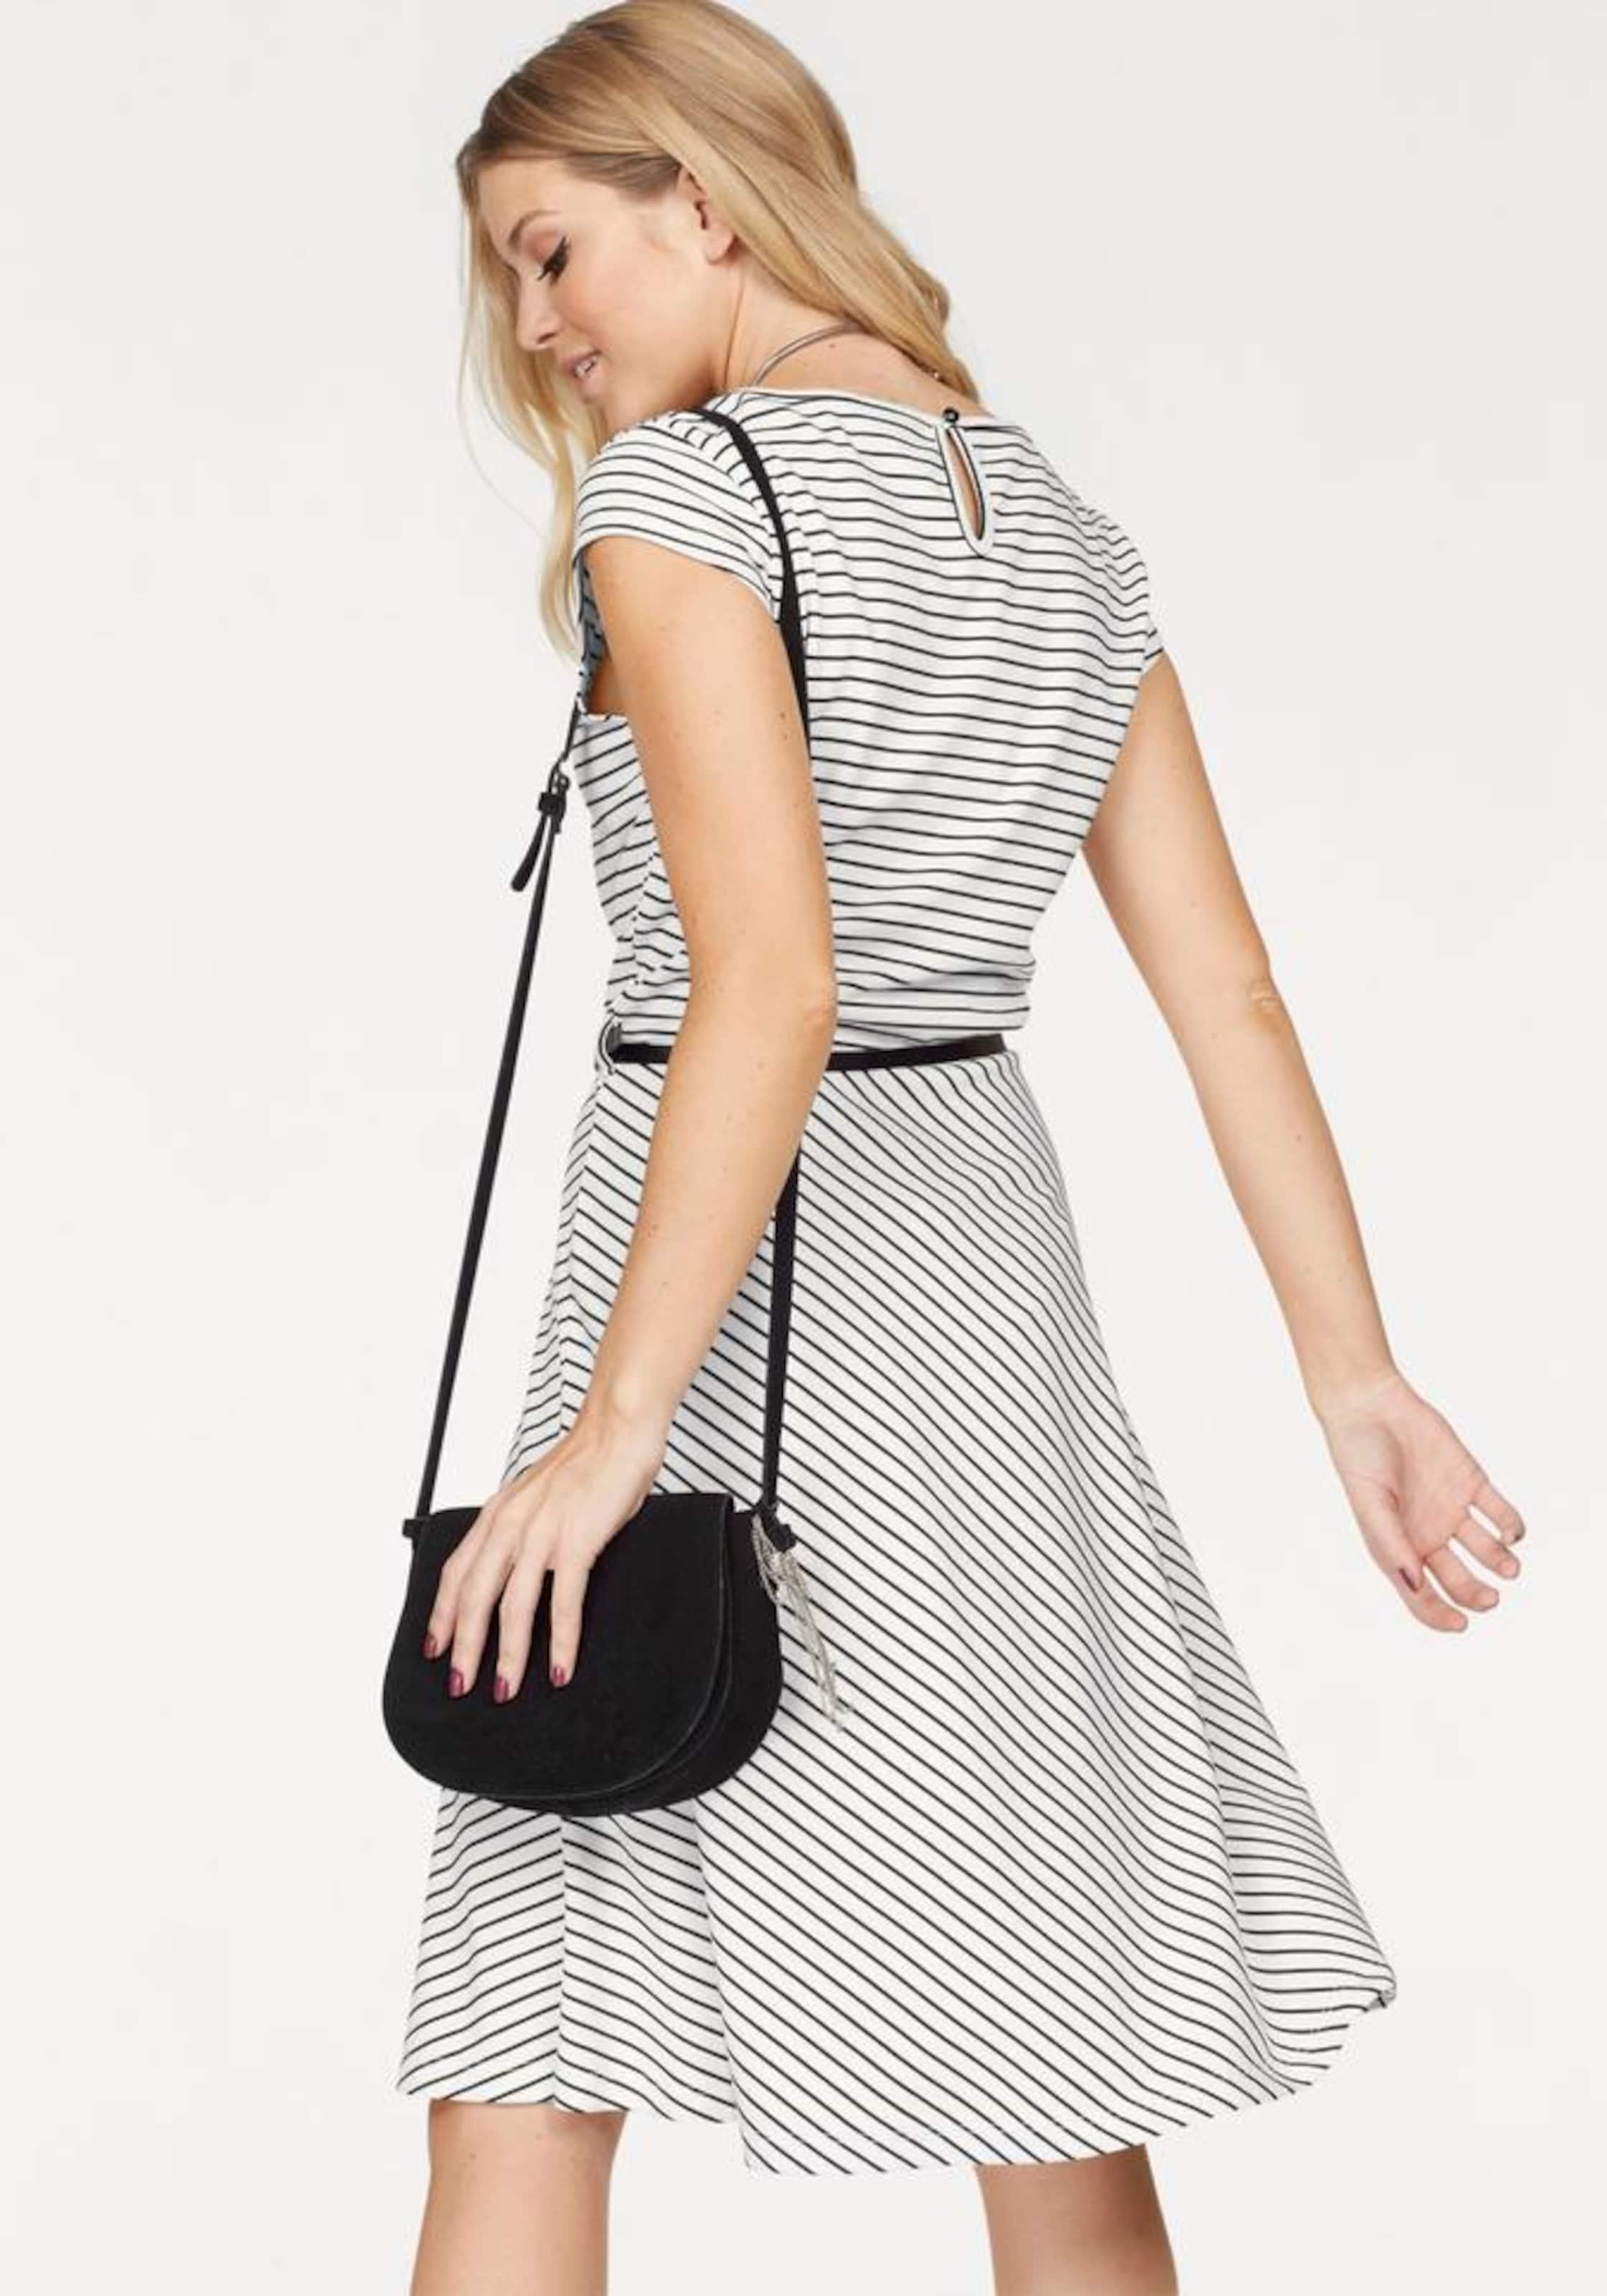 VERO MODA Jersey-Kleid 'Vmvigga' Verkauf Steckdose Neu Die Besten Preise Verkauf Online Klassisch d35U66pBr